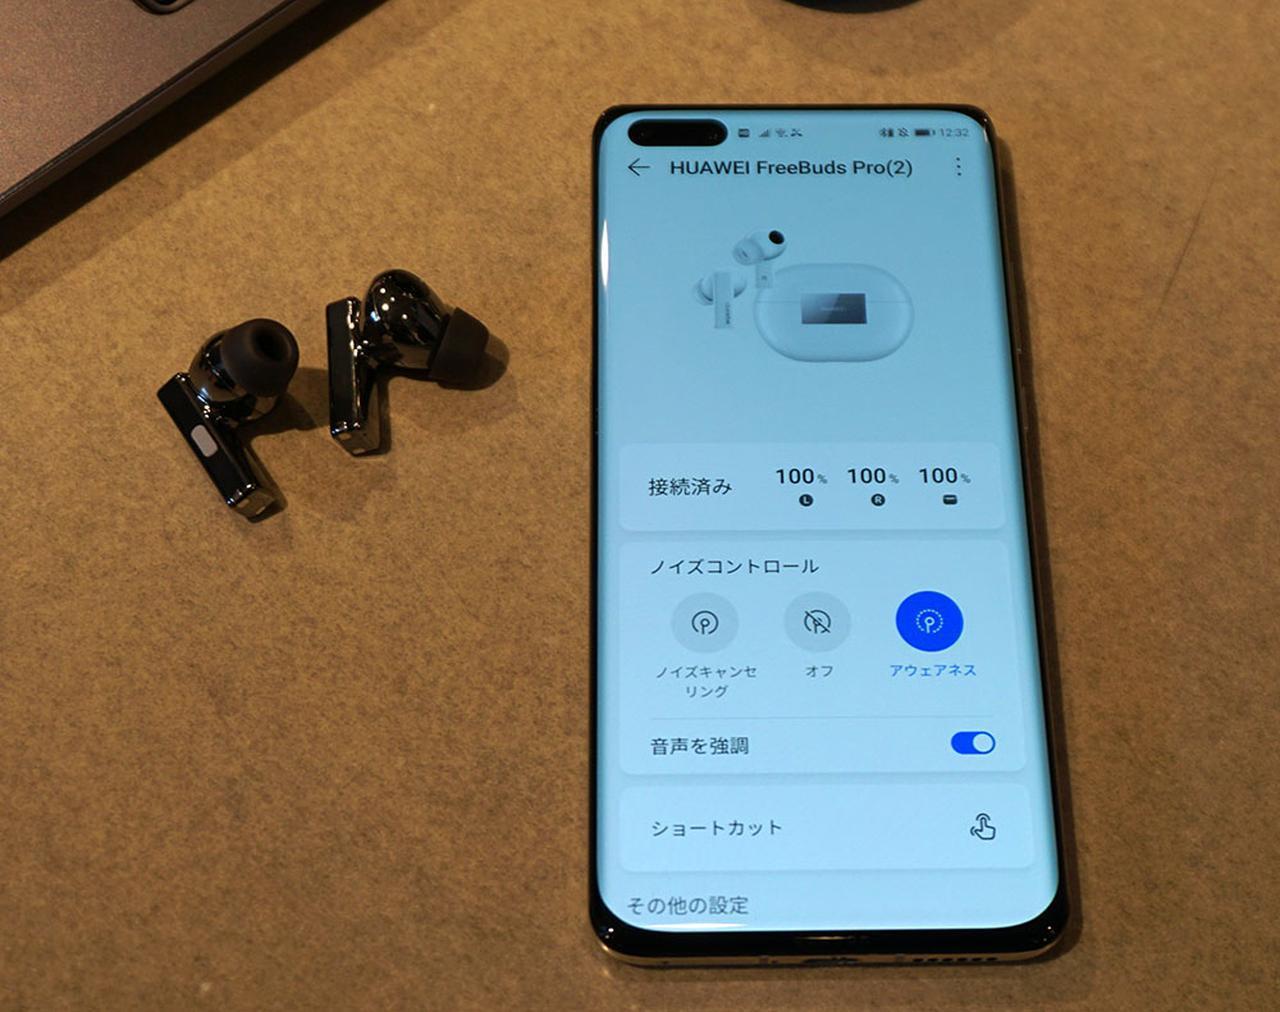 画像: 専用アプリと組み合わせることで、ノイズキャンセリング機能のオン/オフや外音取り込みの設定も可能